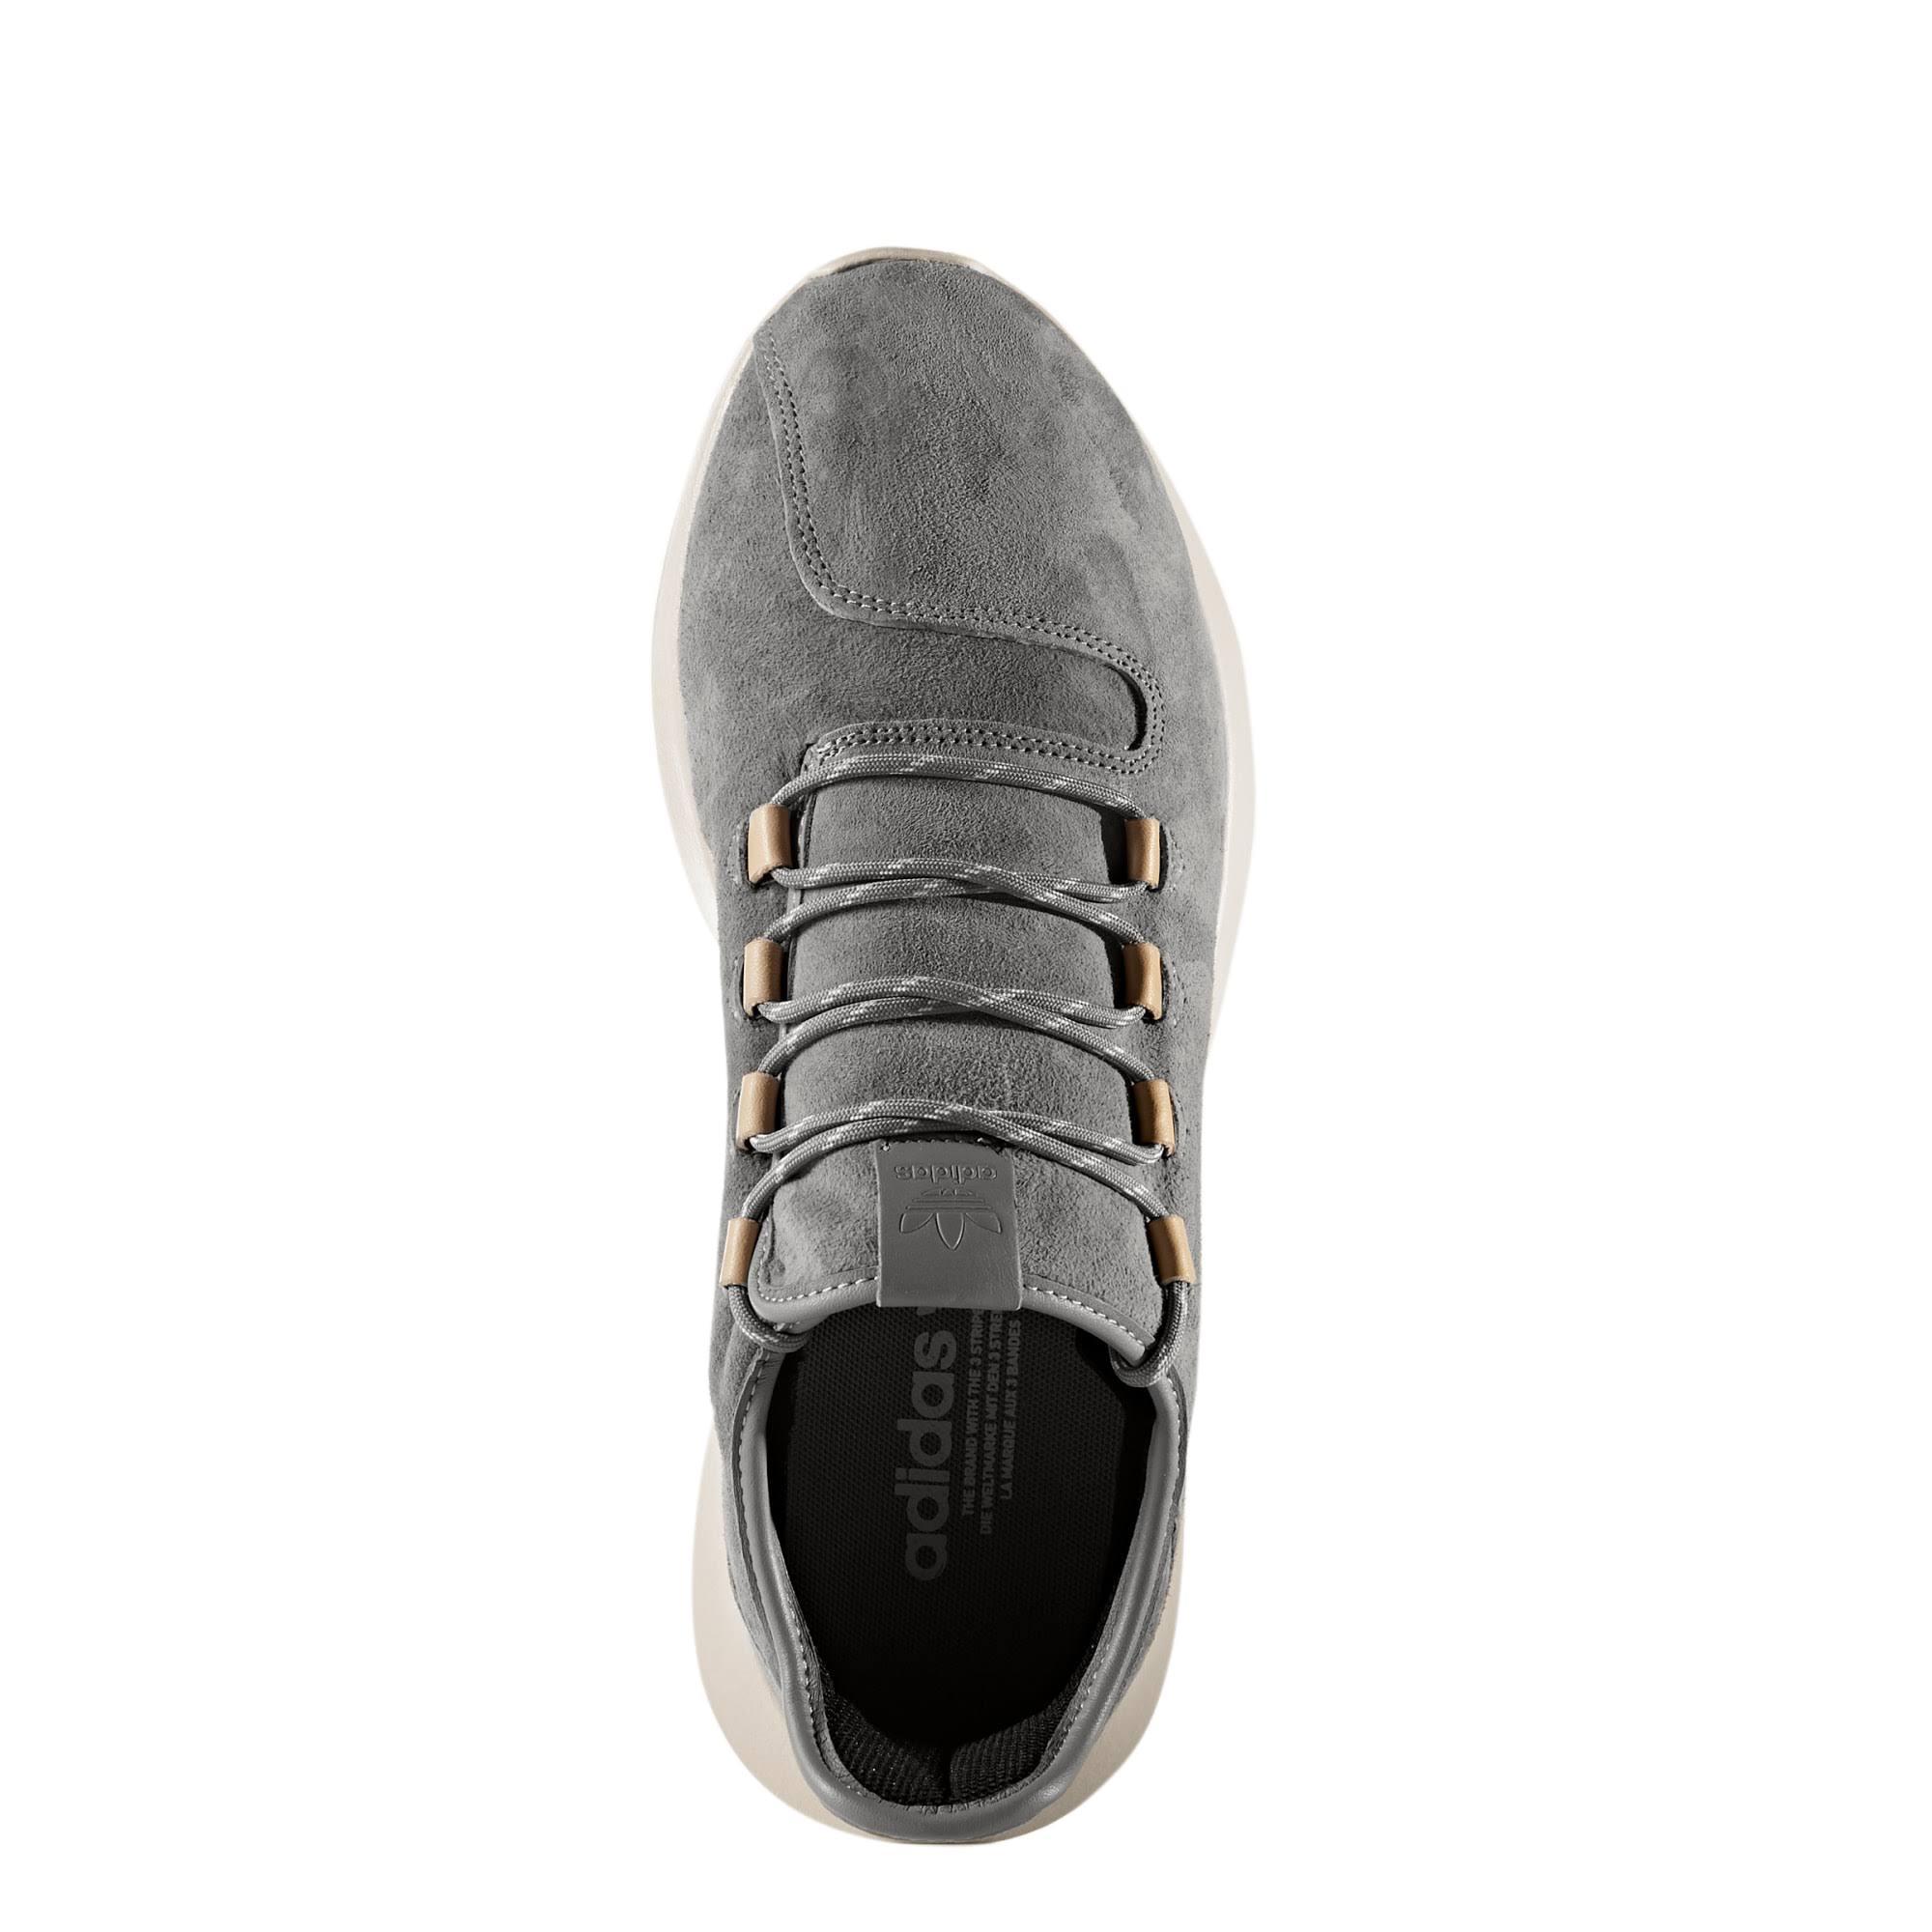 Adidas Shadow 2 42 Tubular Herren Größe Brown Originals grey clear Three 3 Grau Three Sneaker grey UxrwrqWHn